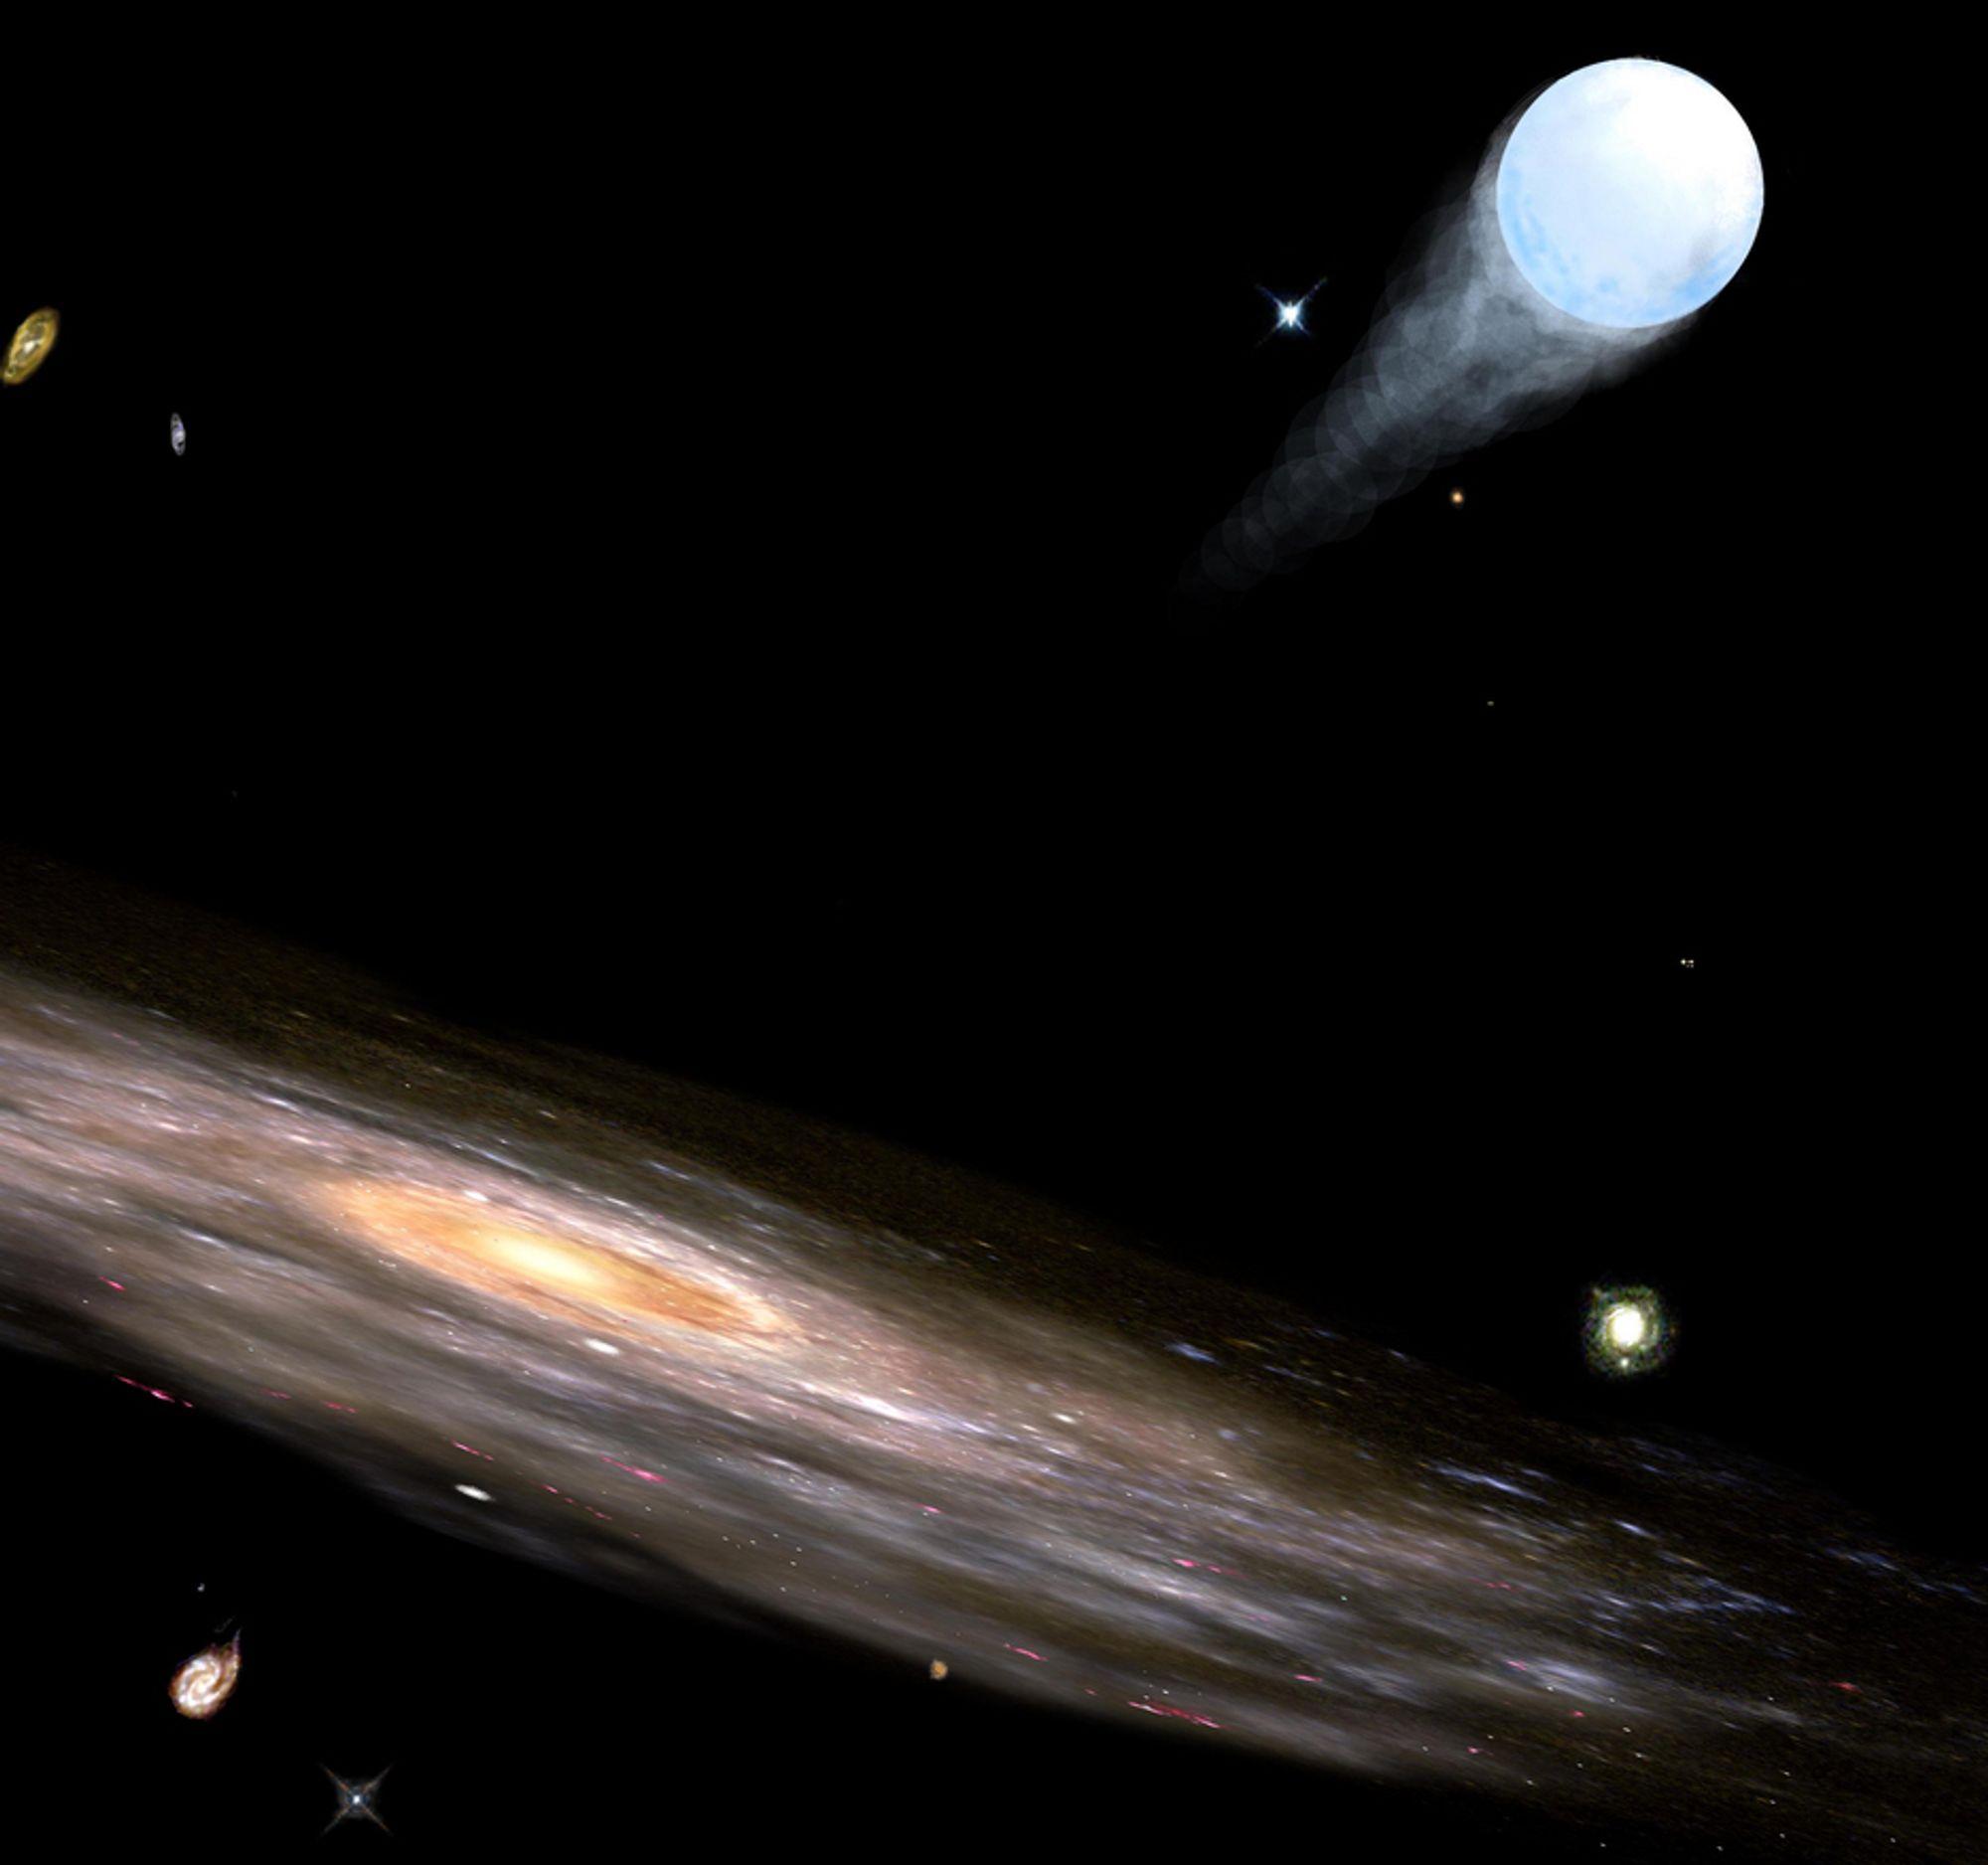 LITEN OG KRAFTIG: Små, svarte hull kan ha vel så mye kraft som Melkeveiens massive svarte hull. Kanskje er det de små som kaster fleste stjerner ut av galaksen.